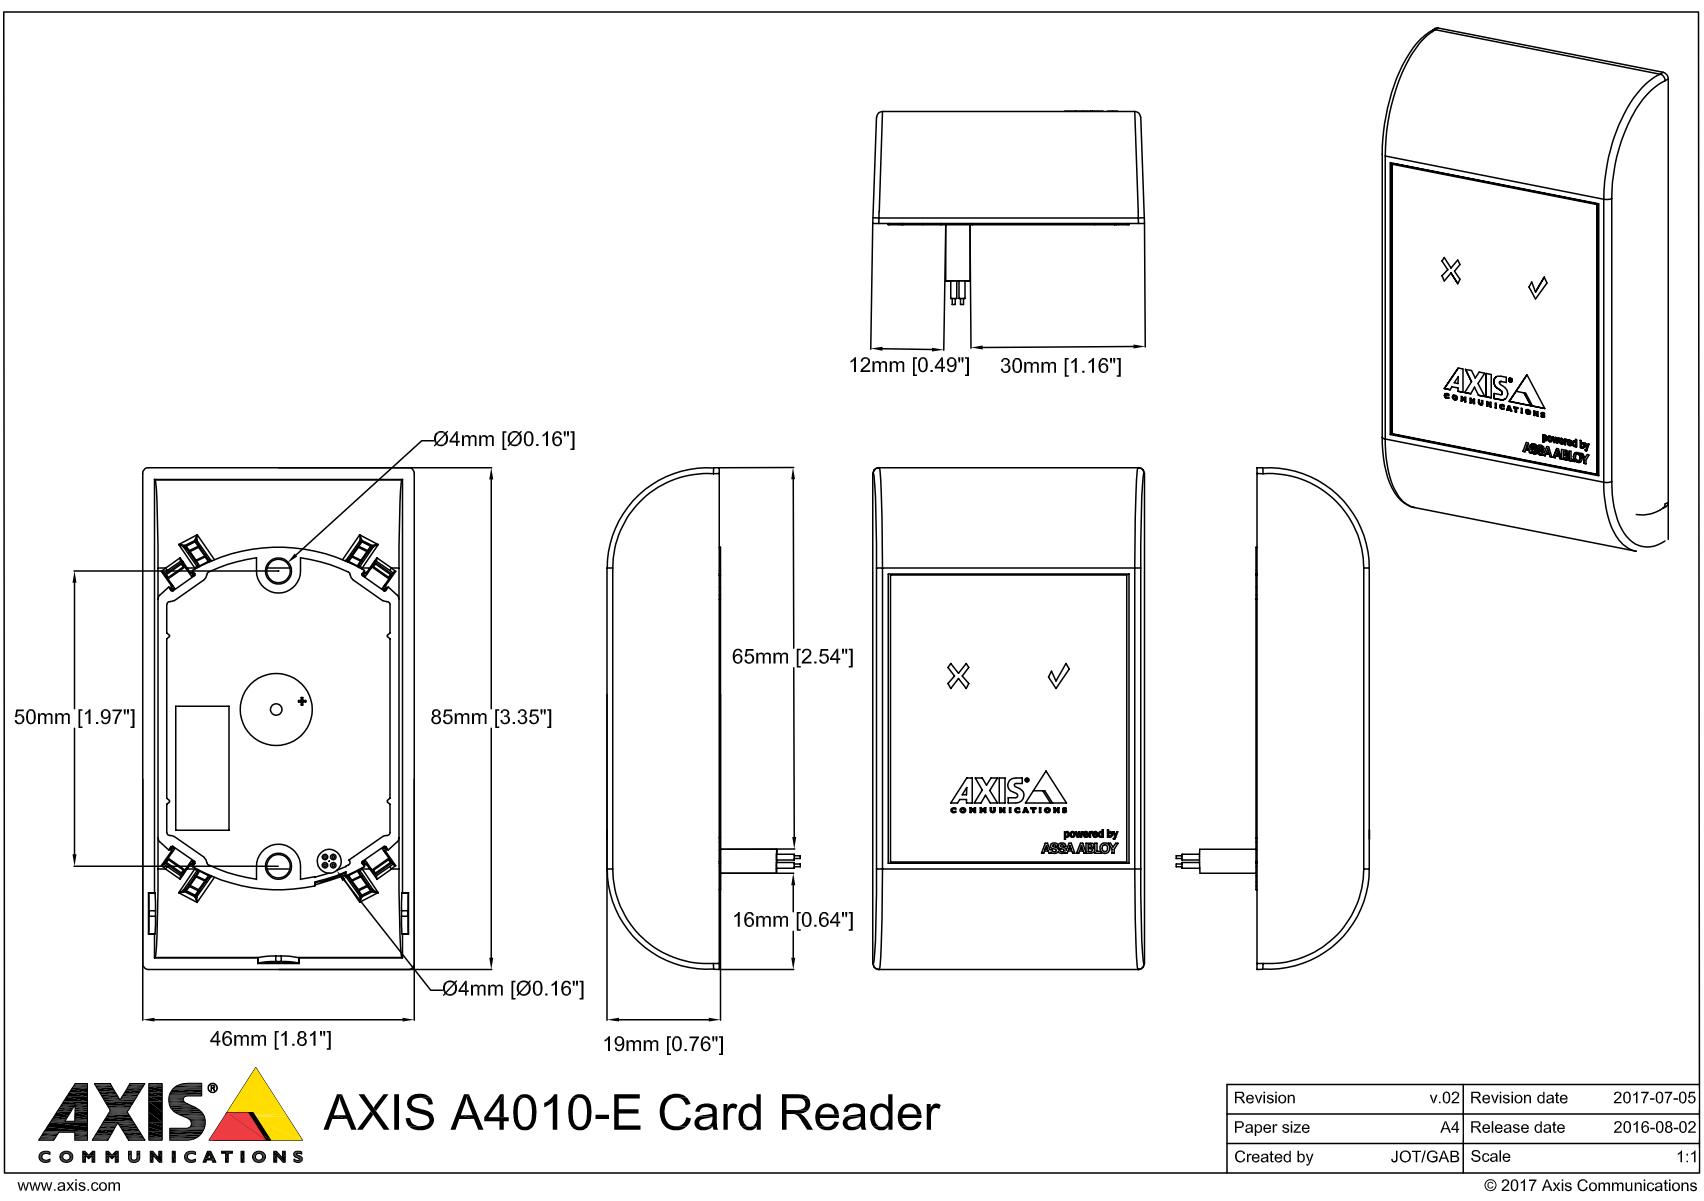 A4010-E